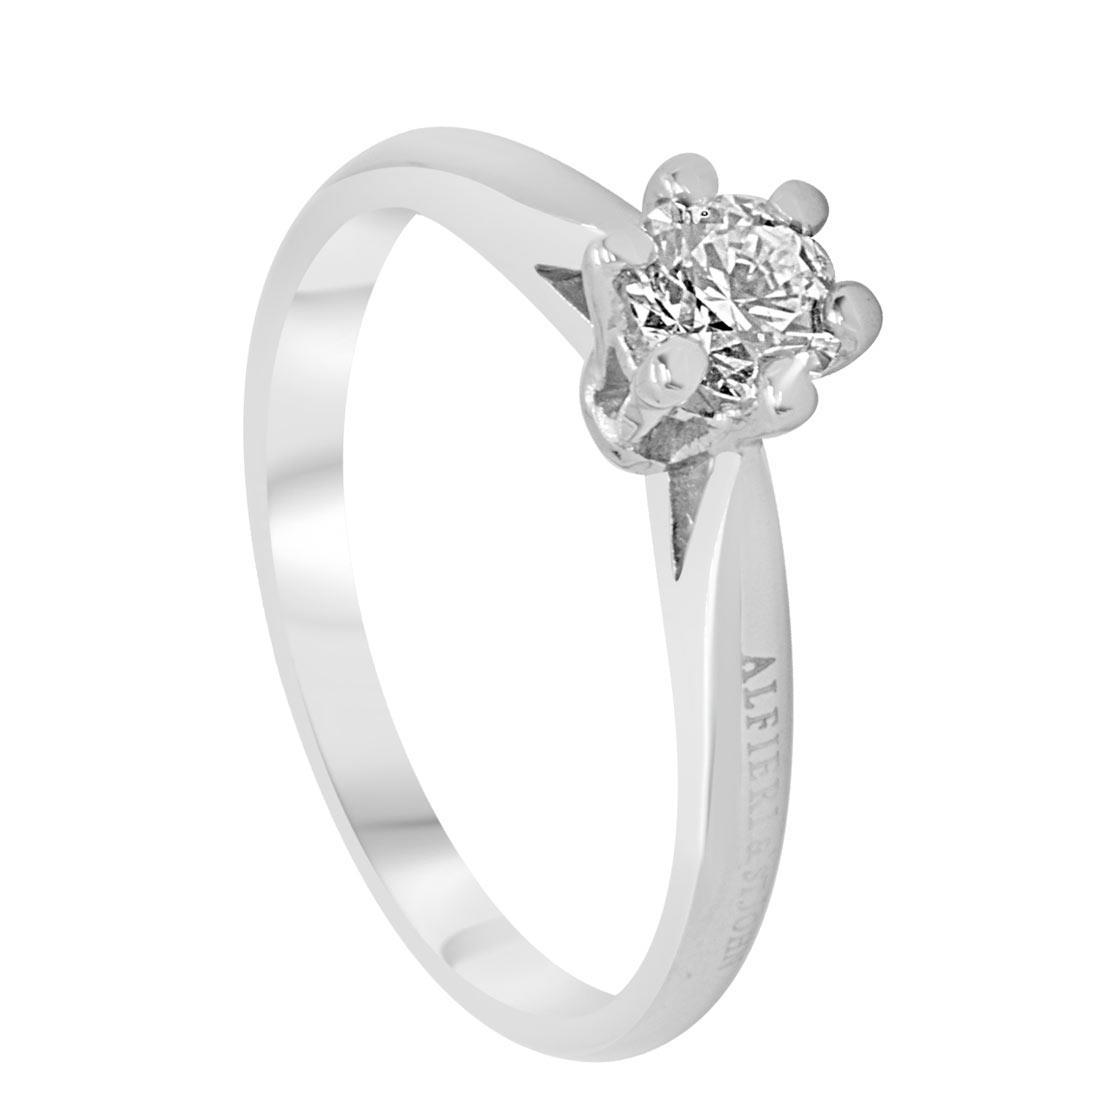 Anello solitario in oro bianco con diamante 0,42 ct mis 13 - ALFIERI ST JOHN